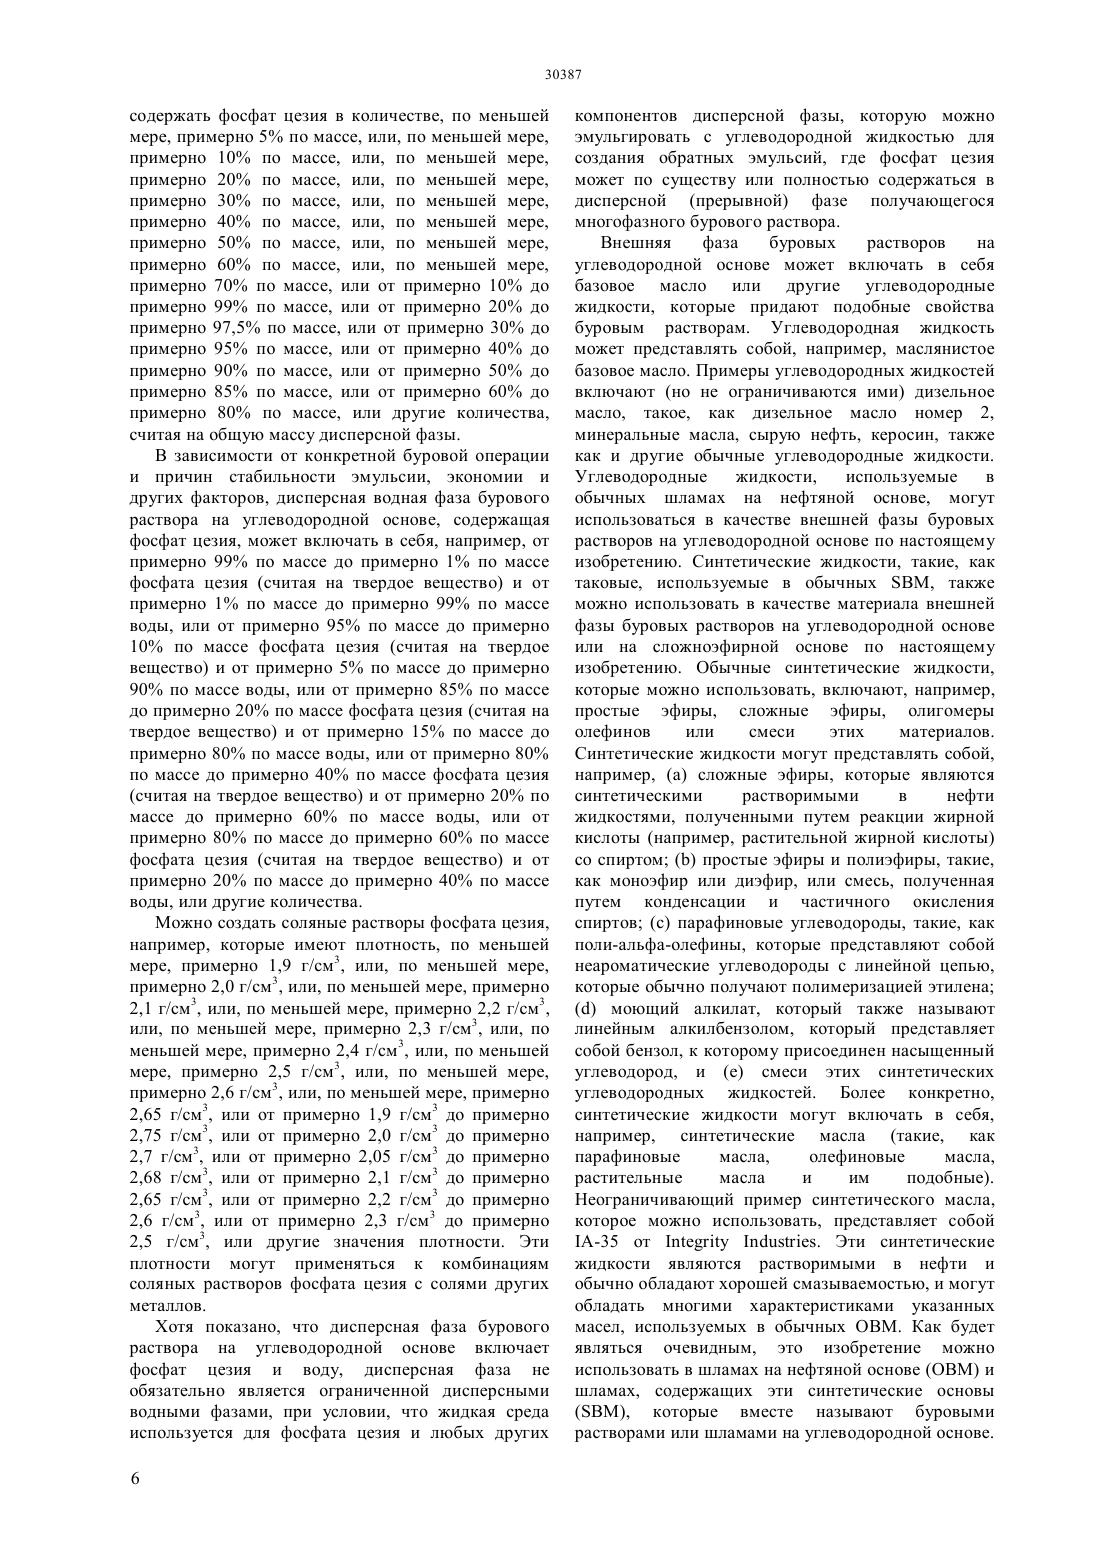 Буровые растворы на углеводородной основе реферат 9104